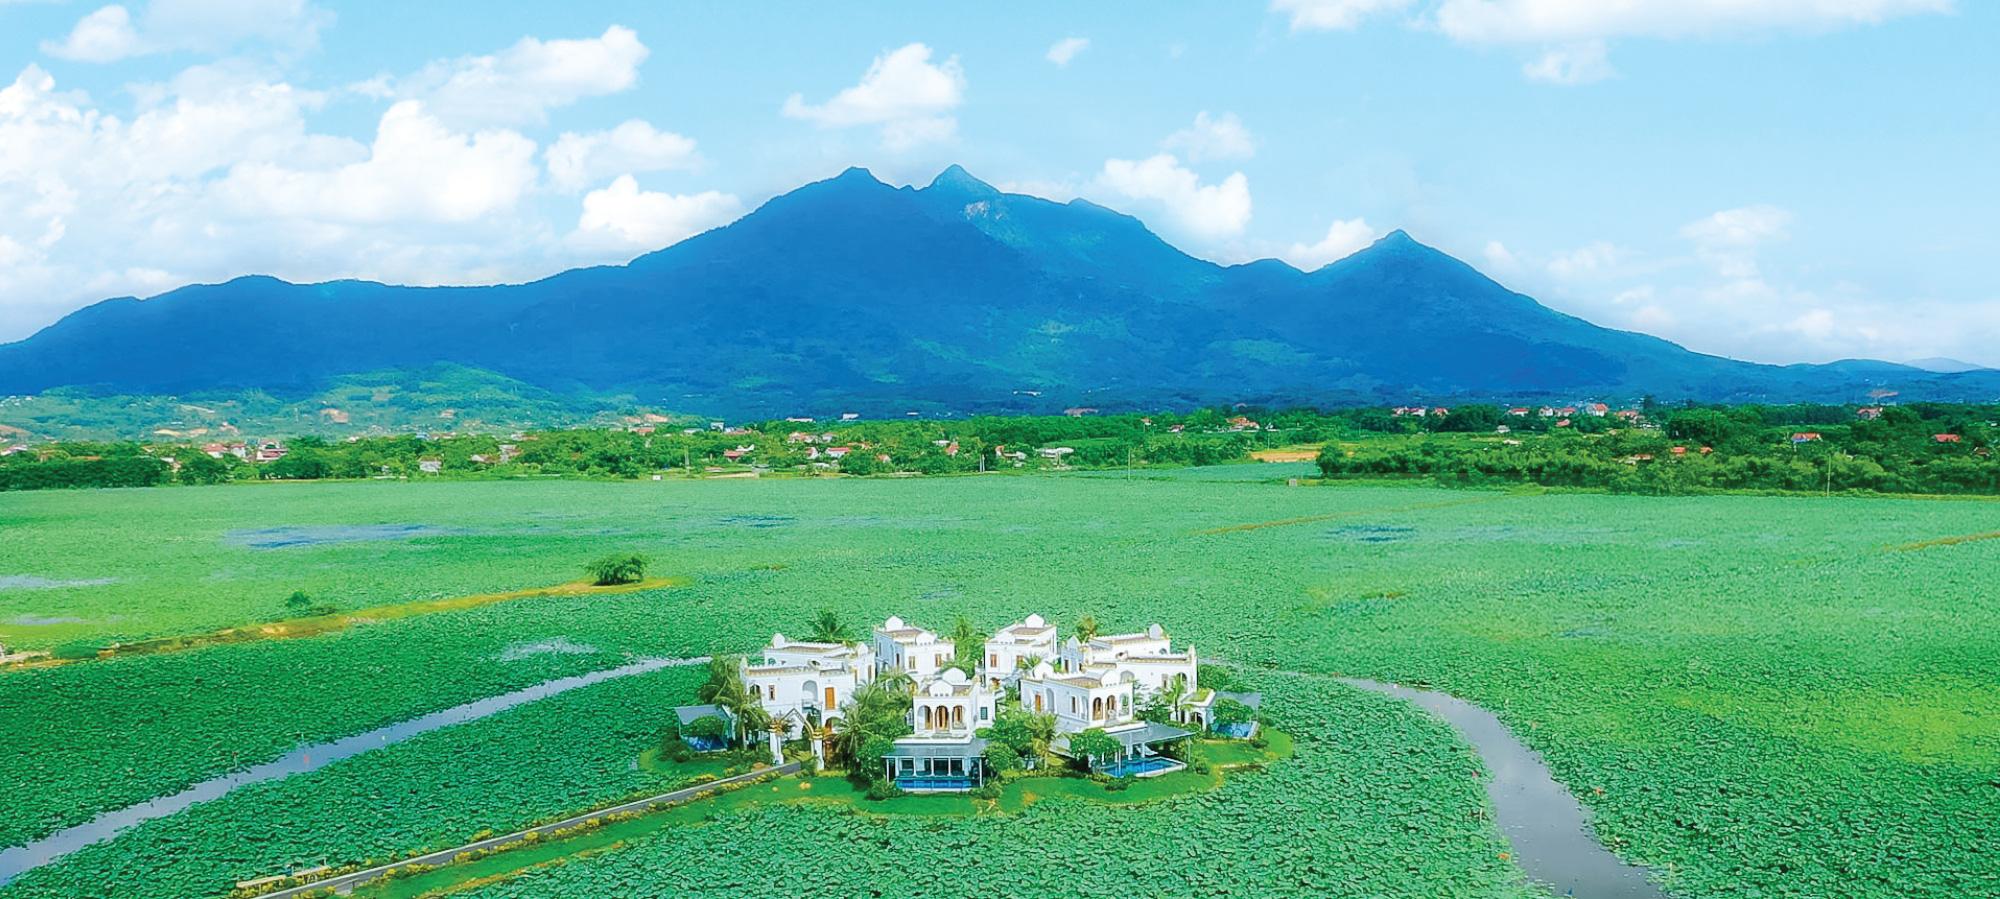 """Đón đầu xu hướng sở hữu ngôi nhà thứ hai, Vườn Vua Resort & Villas thu hút nhà đầu tư với """"lợi ích kép"""" sáng giá - Ảnh 9."""